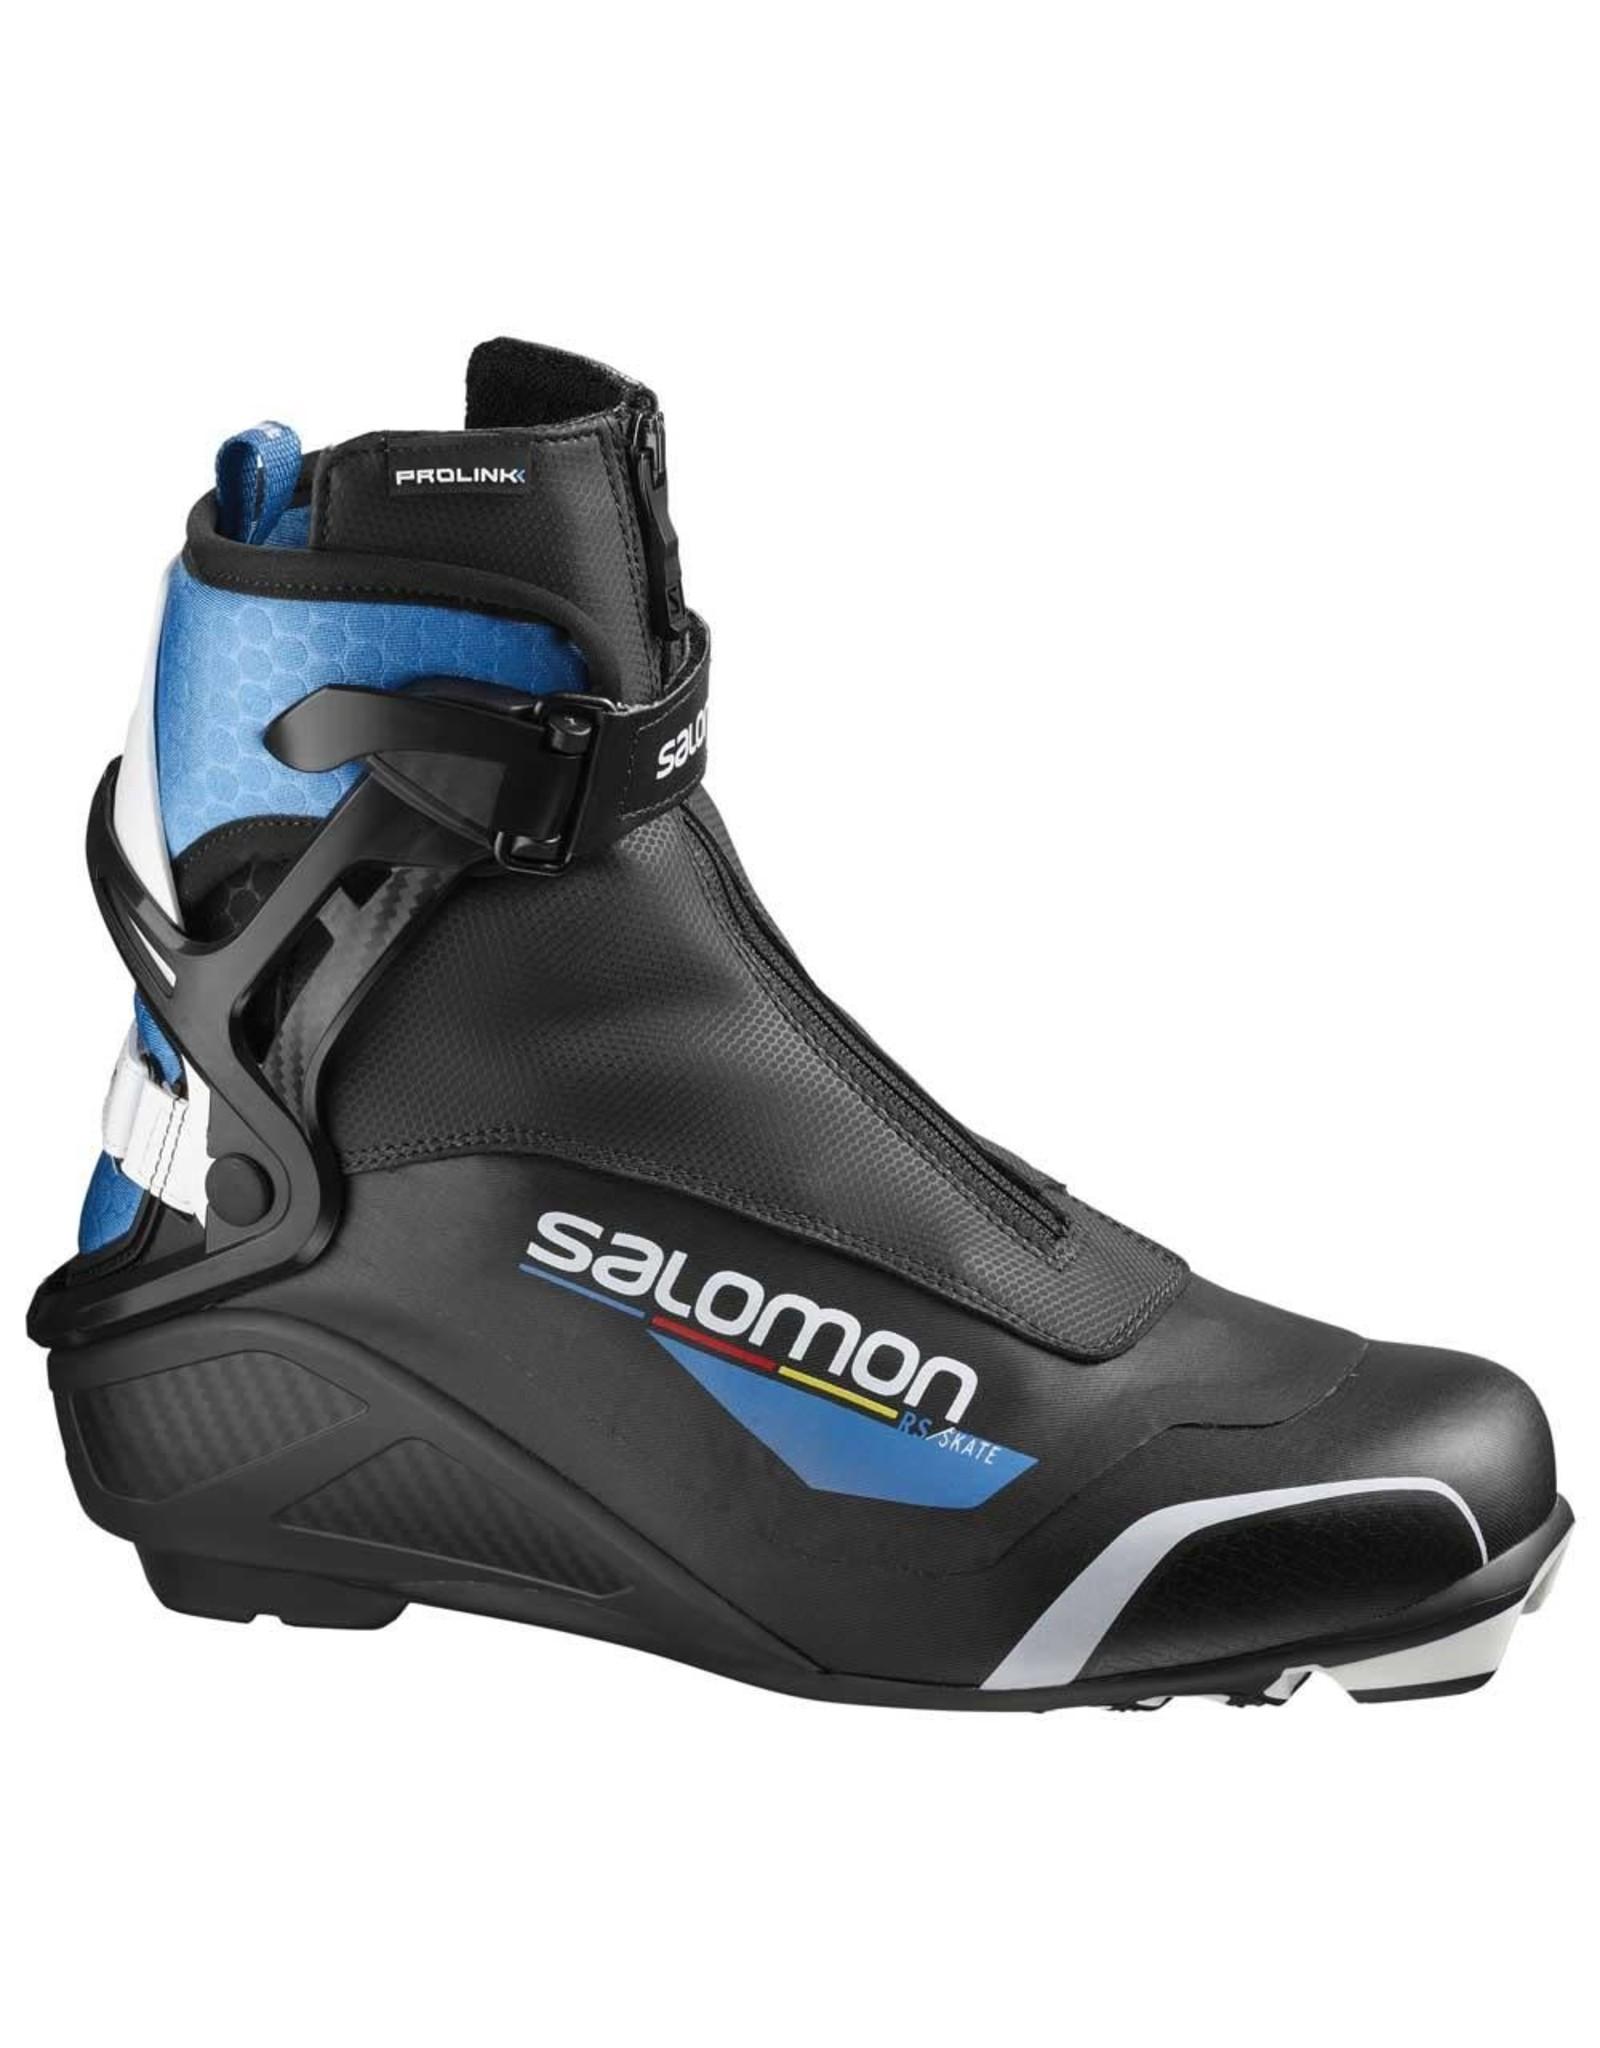 SALOMON '20 SALOMON, RS, Prolink